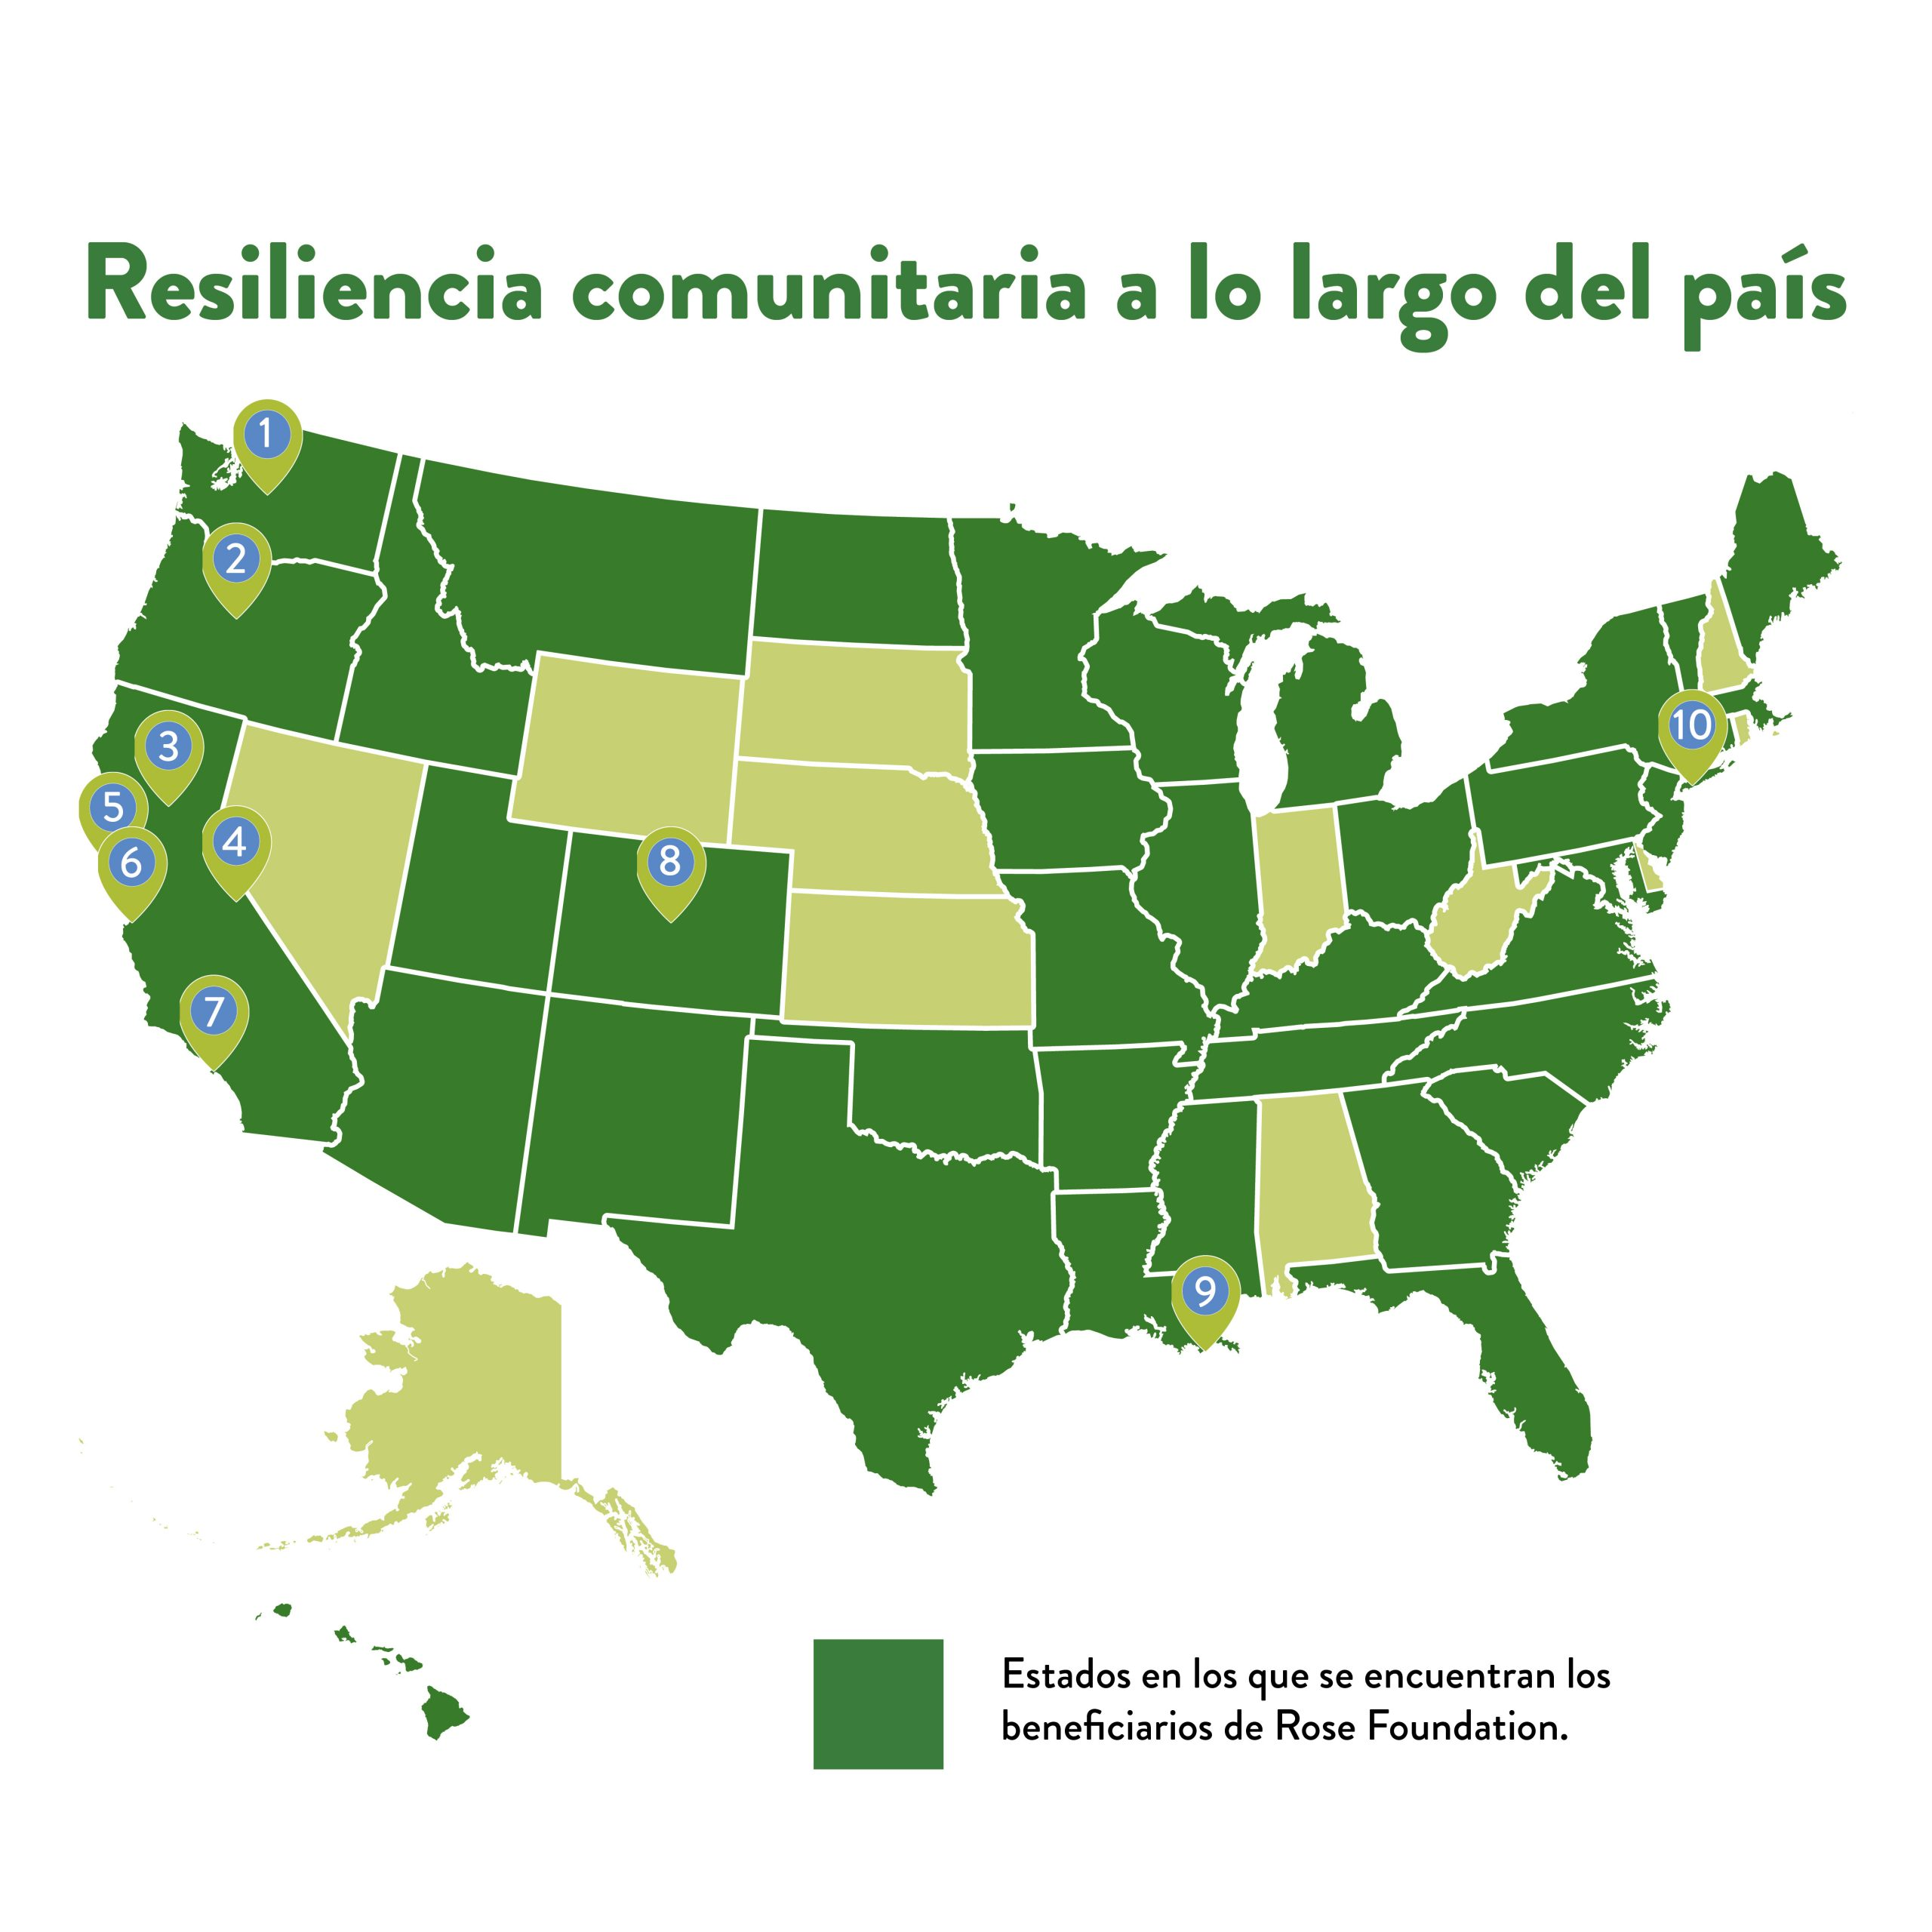 Resiliencia comunitaria a lo largo del país